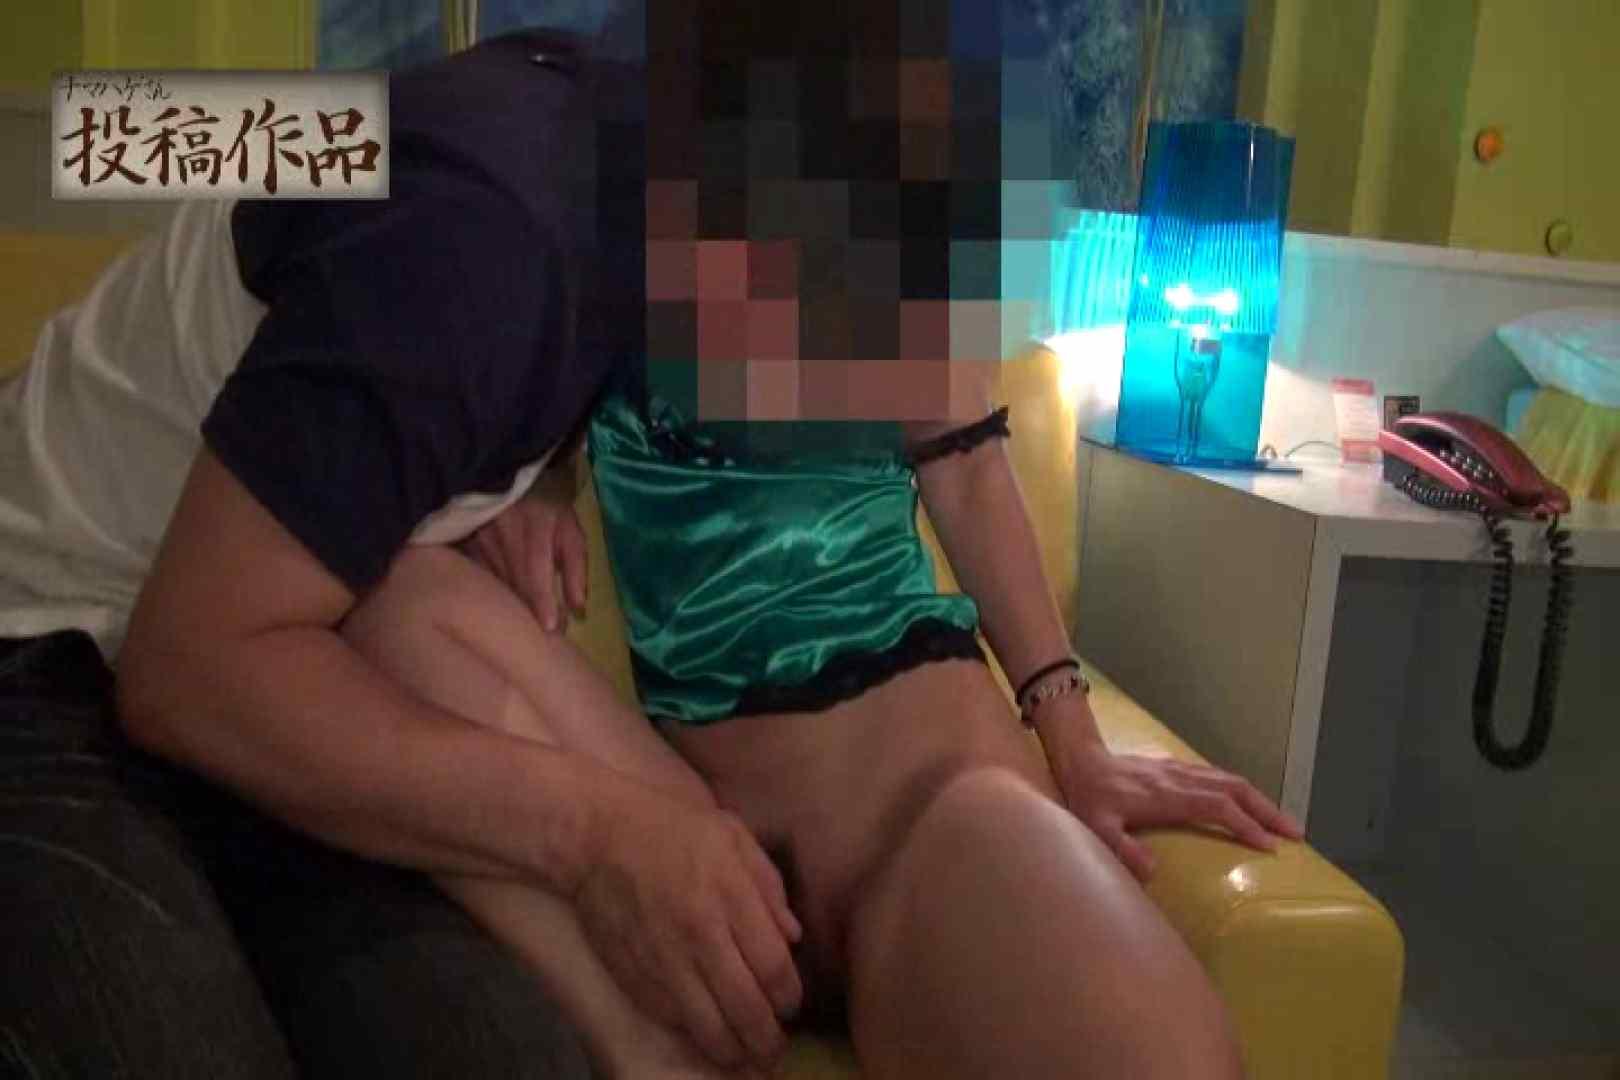 ナマハゲさんのまんこコレクション第二章 maria フェラ セックス無修正動画無料 86pic 42